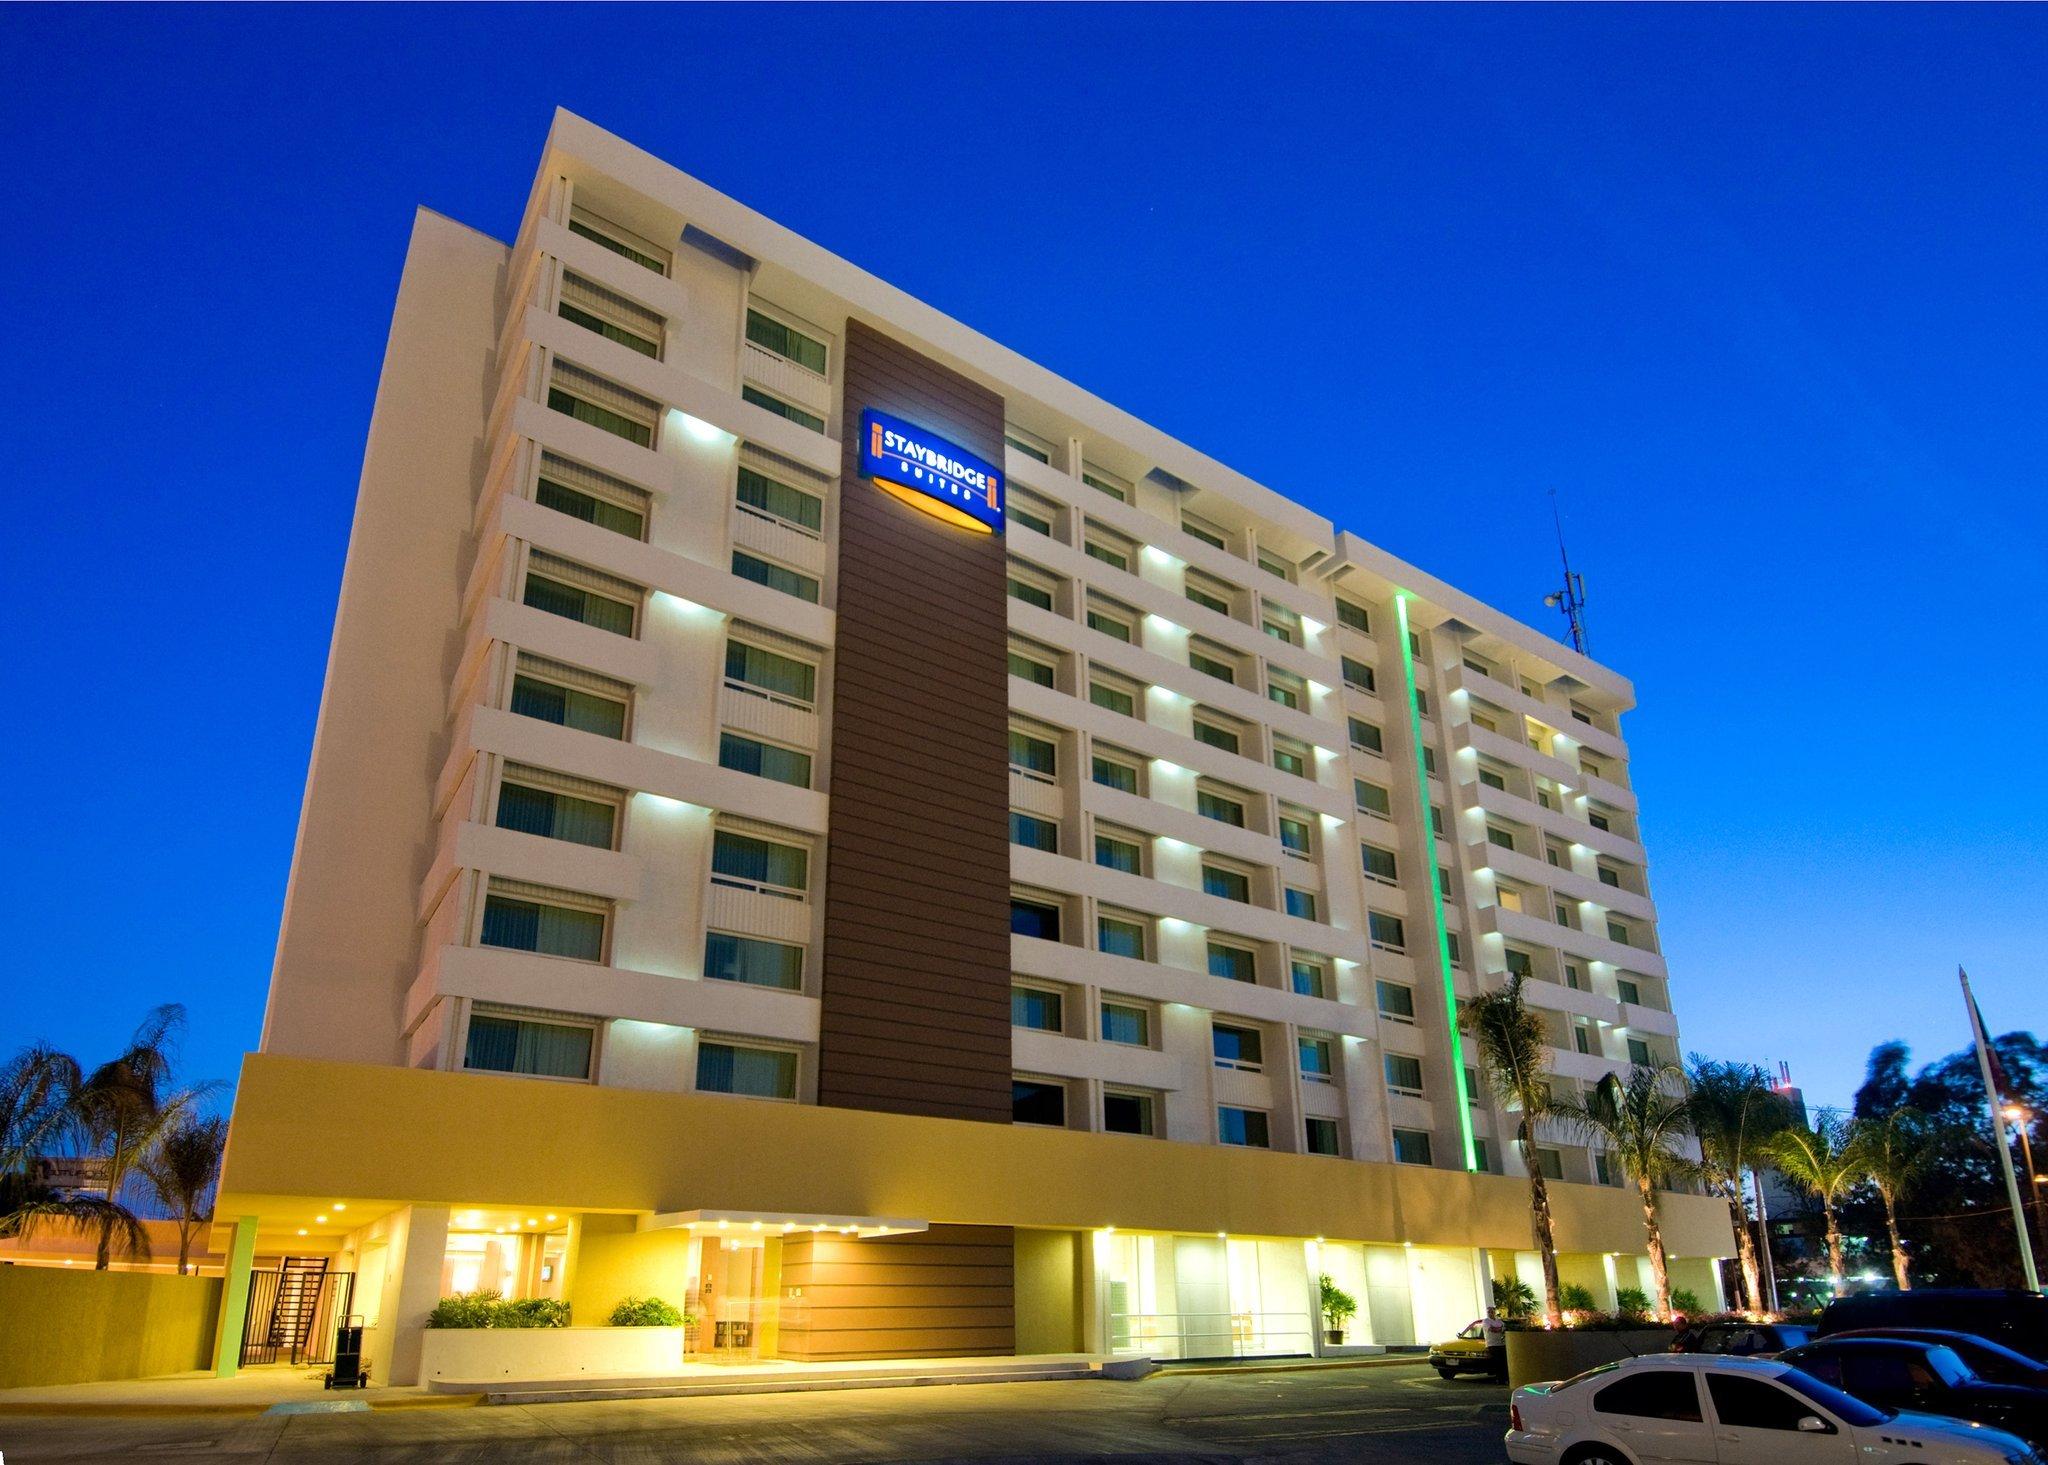 ステイブリッジ スイーツ グアデラハラ エキスポ ホテル